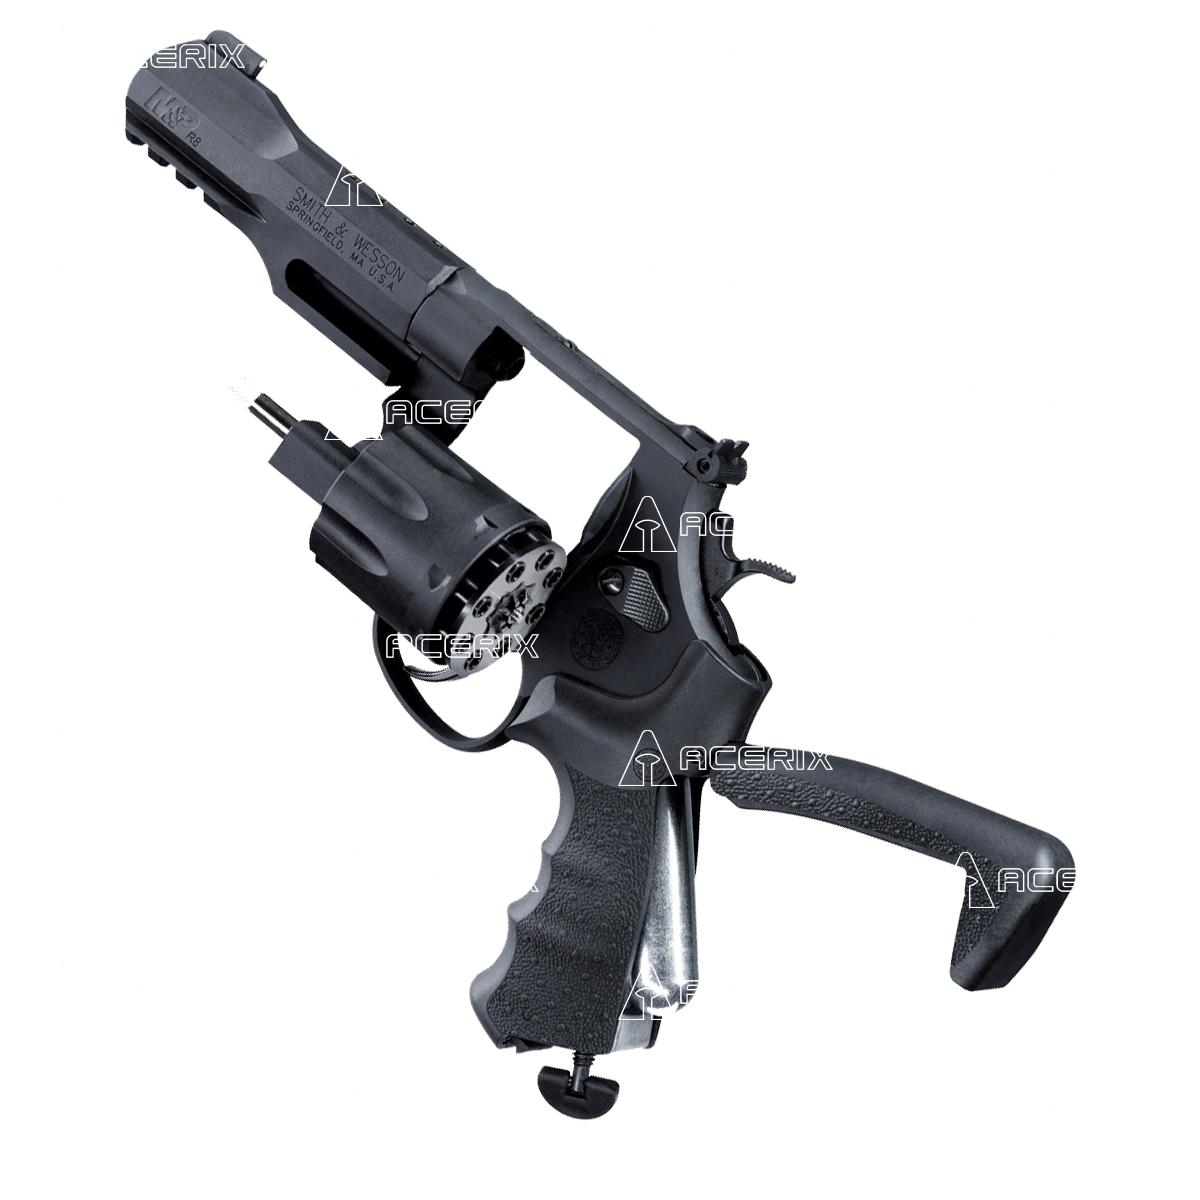 c89195c6c6 Pistola Smith & Wesson M&P R8 4,5mm - Acerix Deportes Recreación ...